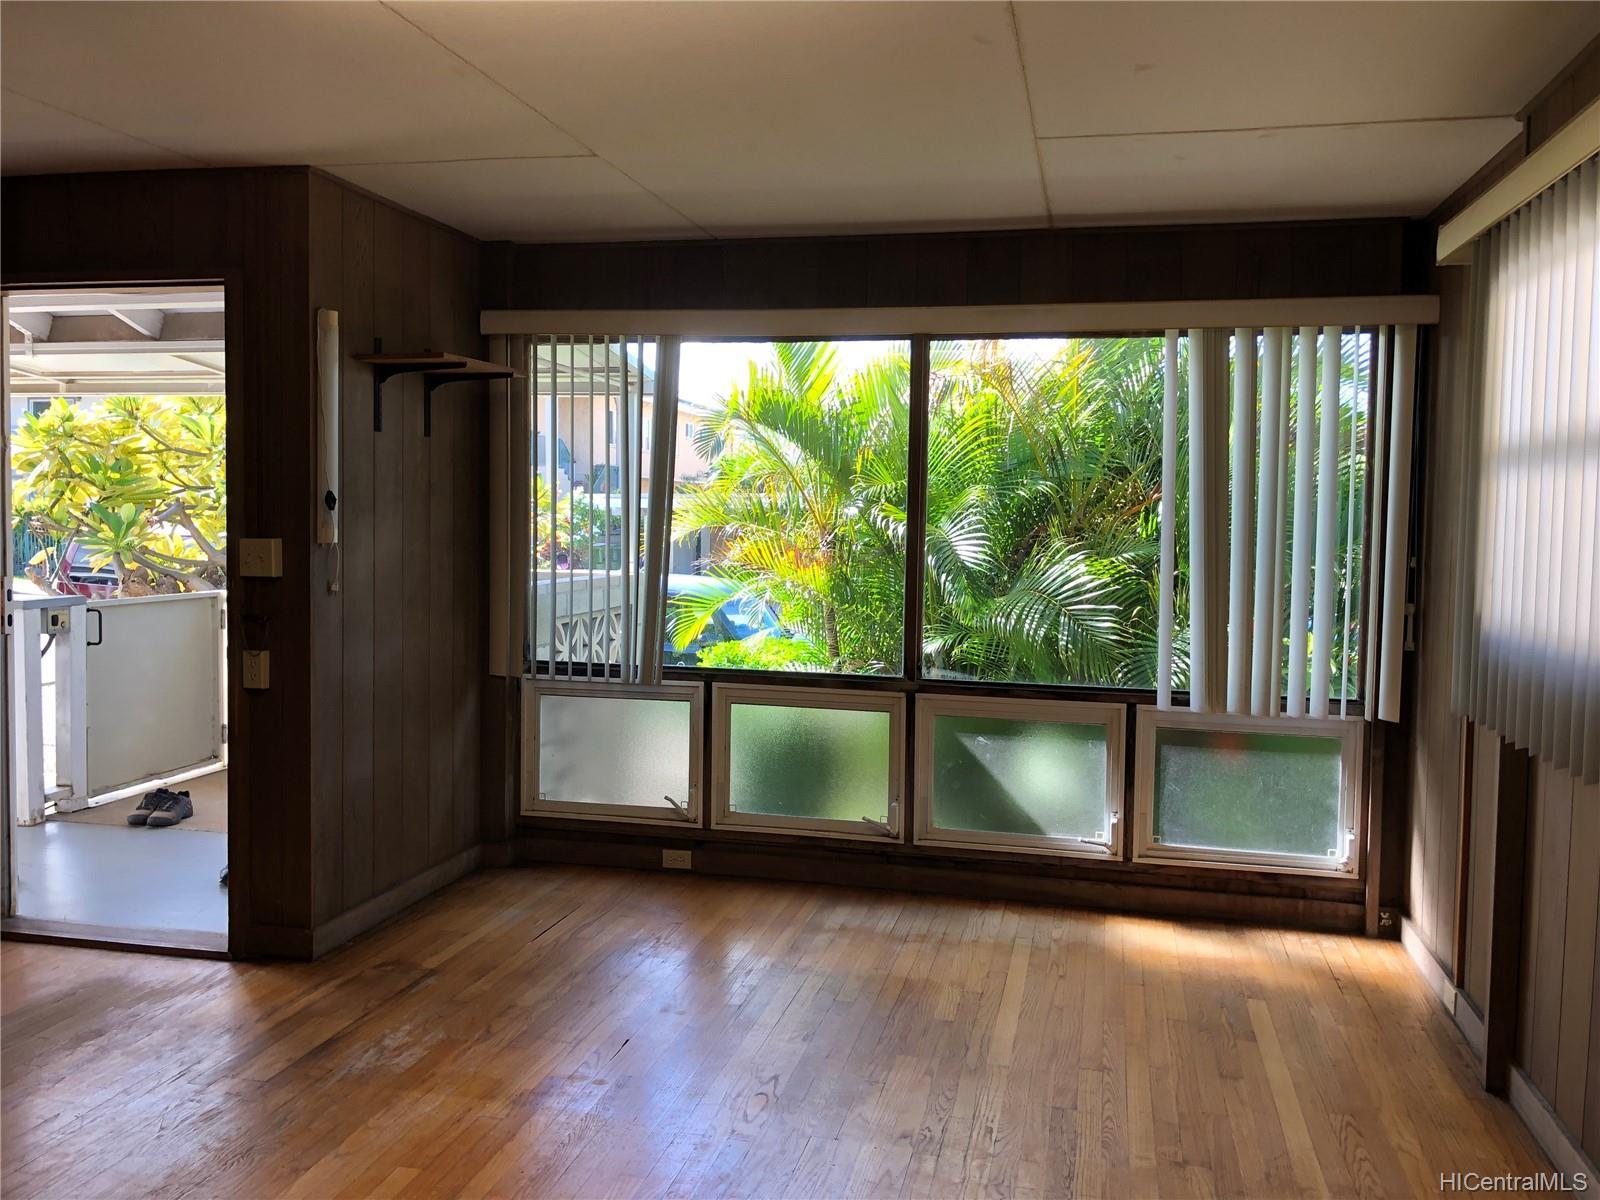 1112 Gulick Ave Honolulu Hi 96819   Kalihi lower home Honolulu 1600x1200